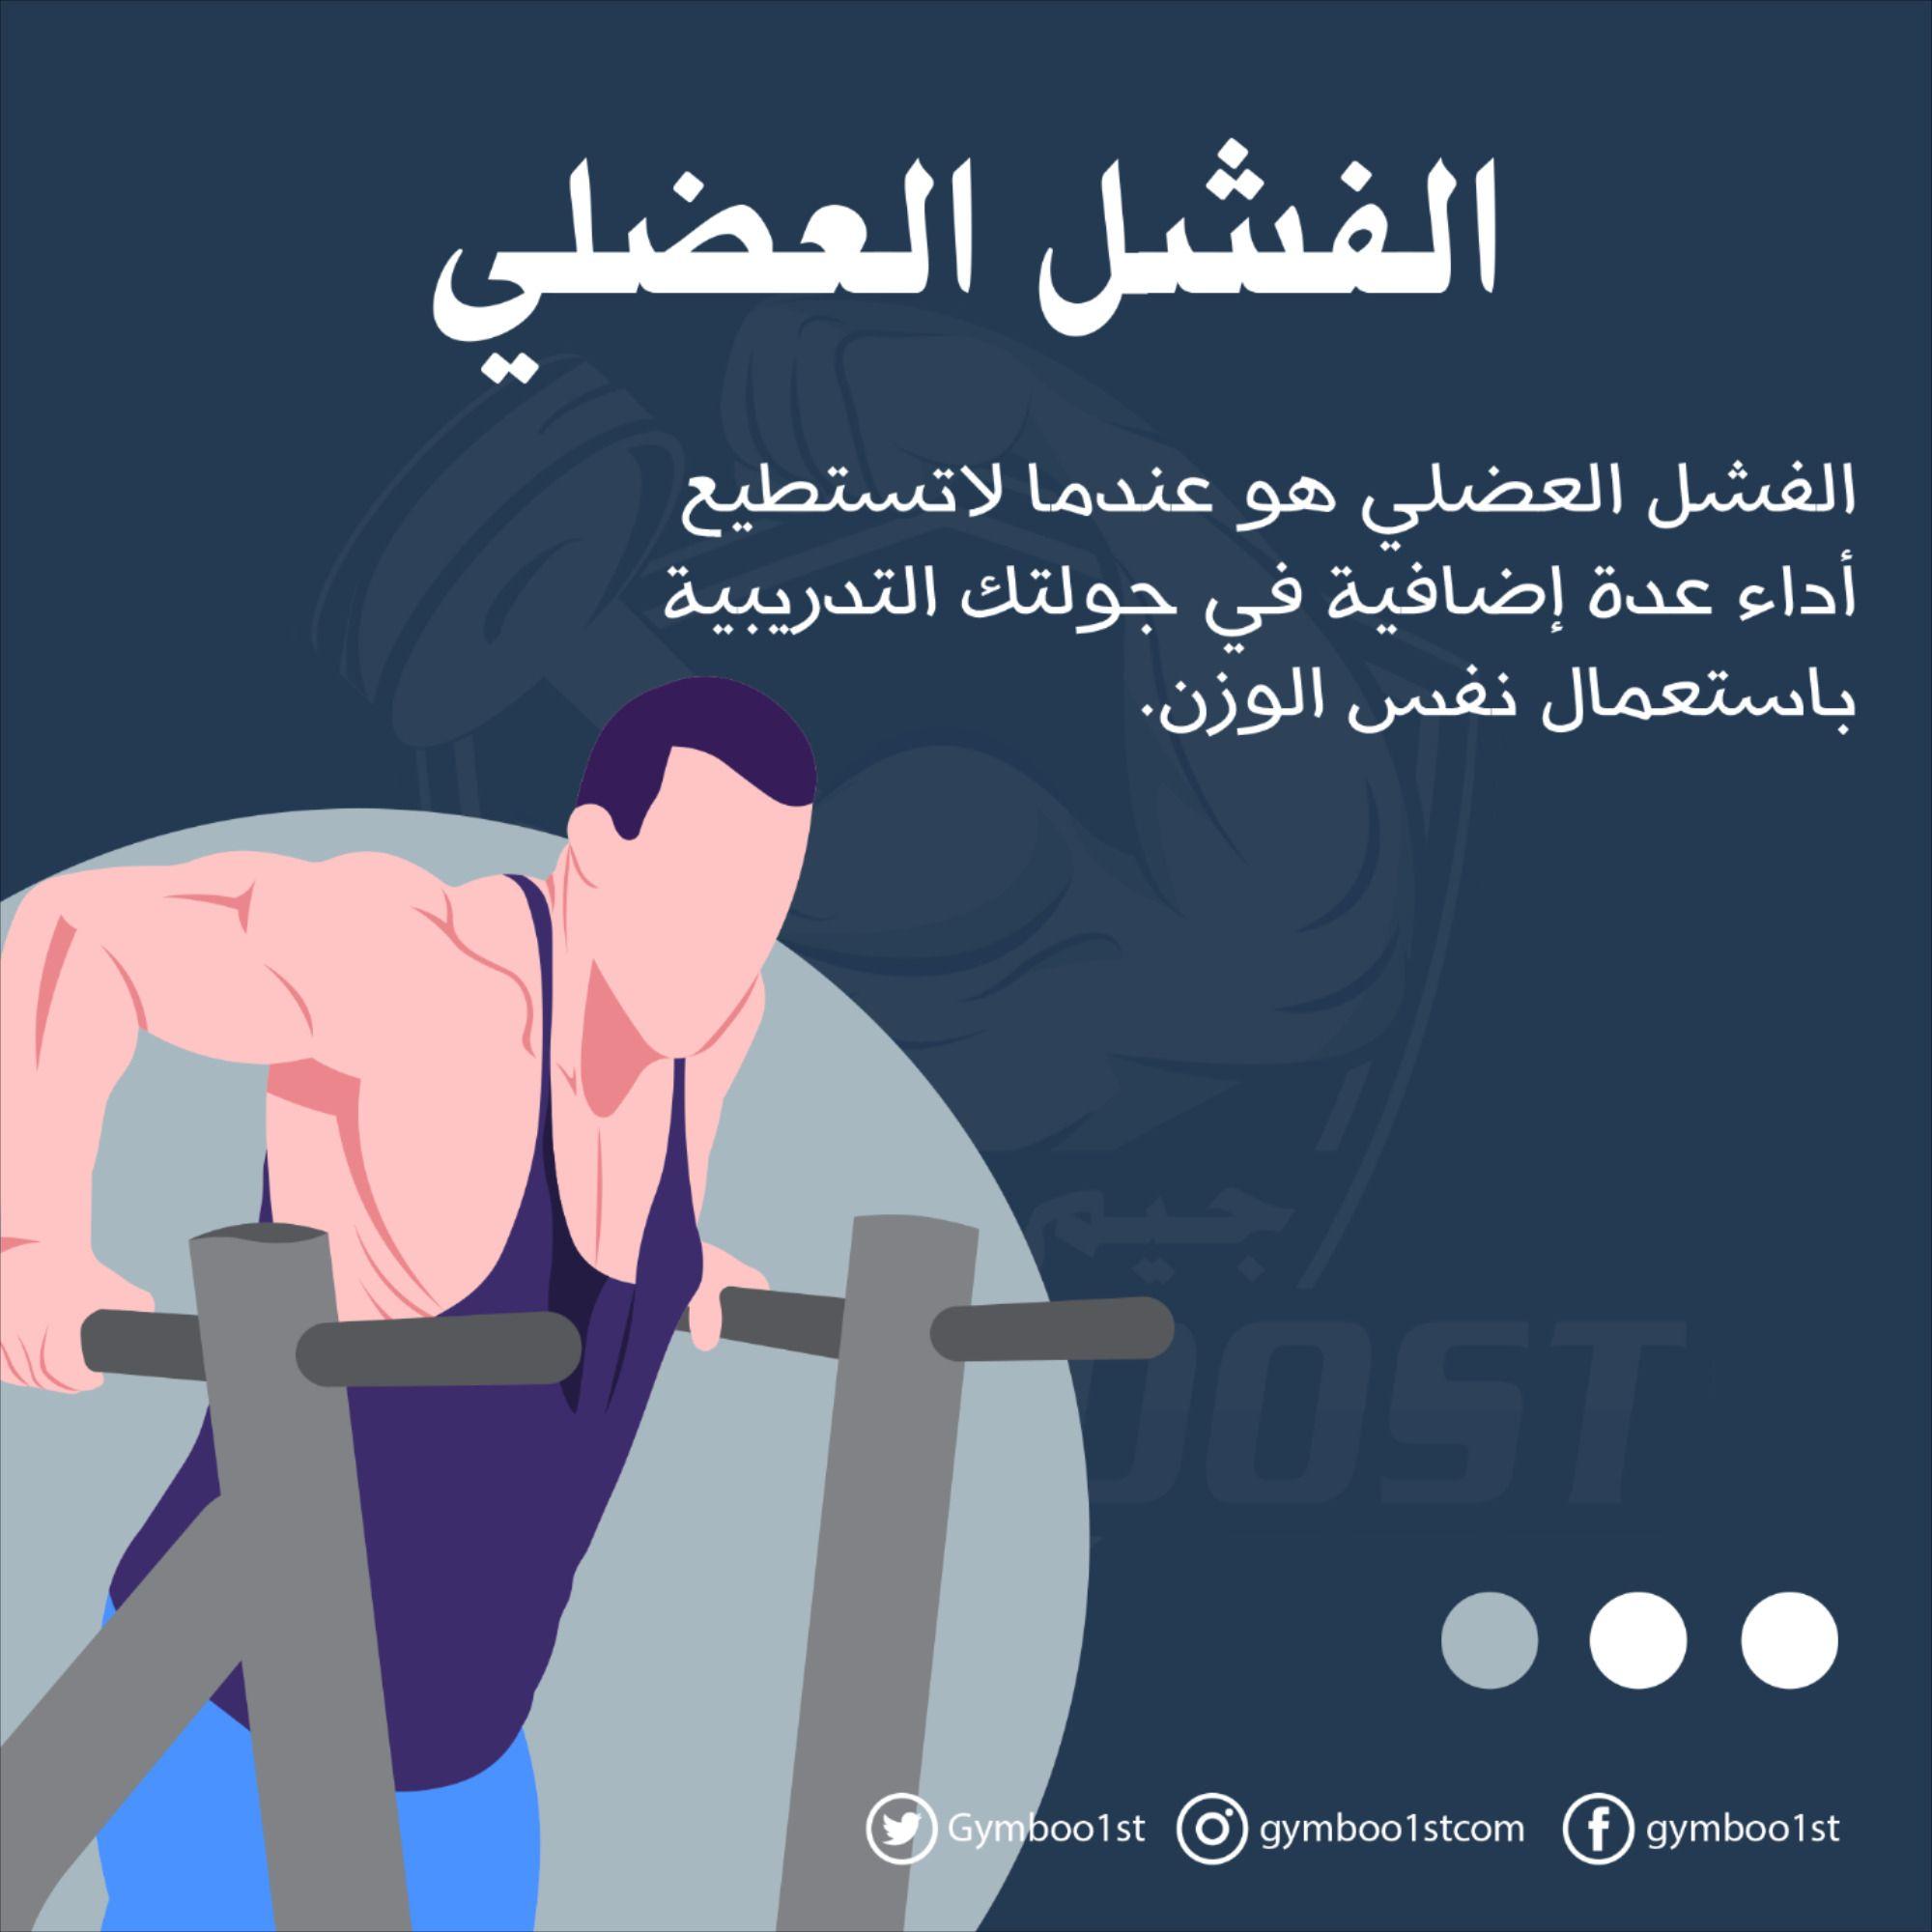 الفشل العضلي Gym Workout For Beginners Workout For Beginners Gym Workouts